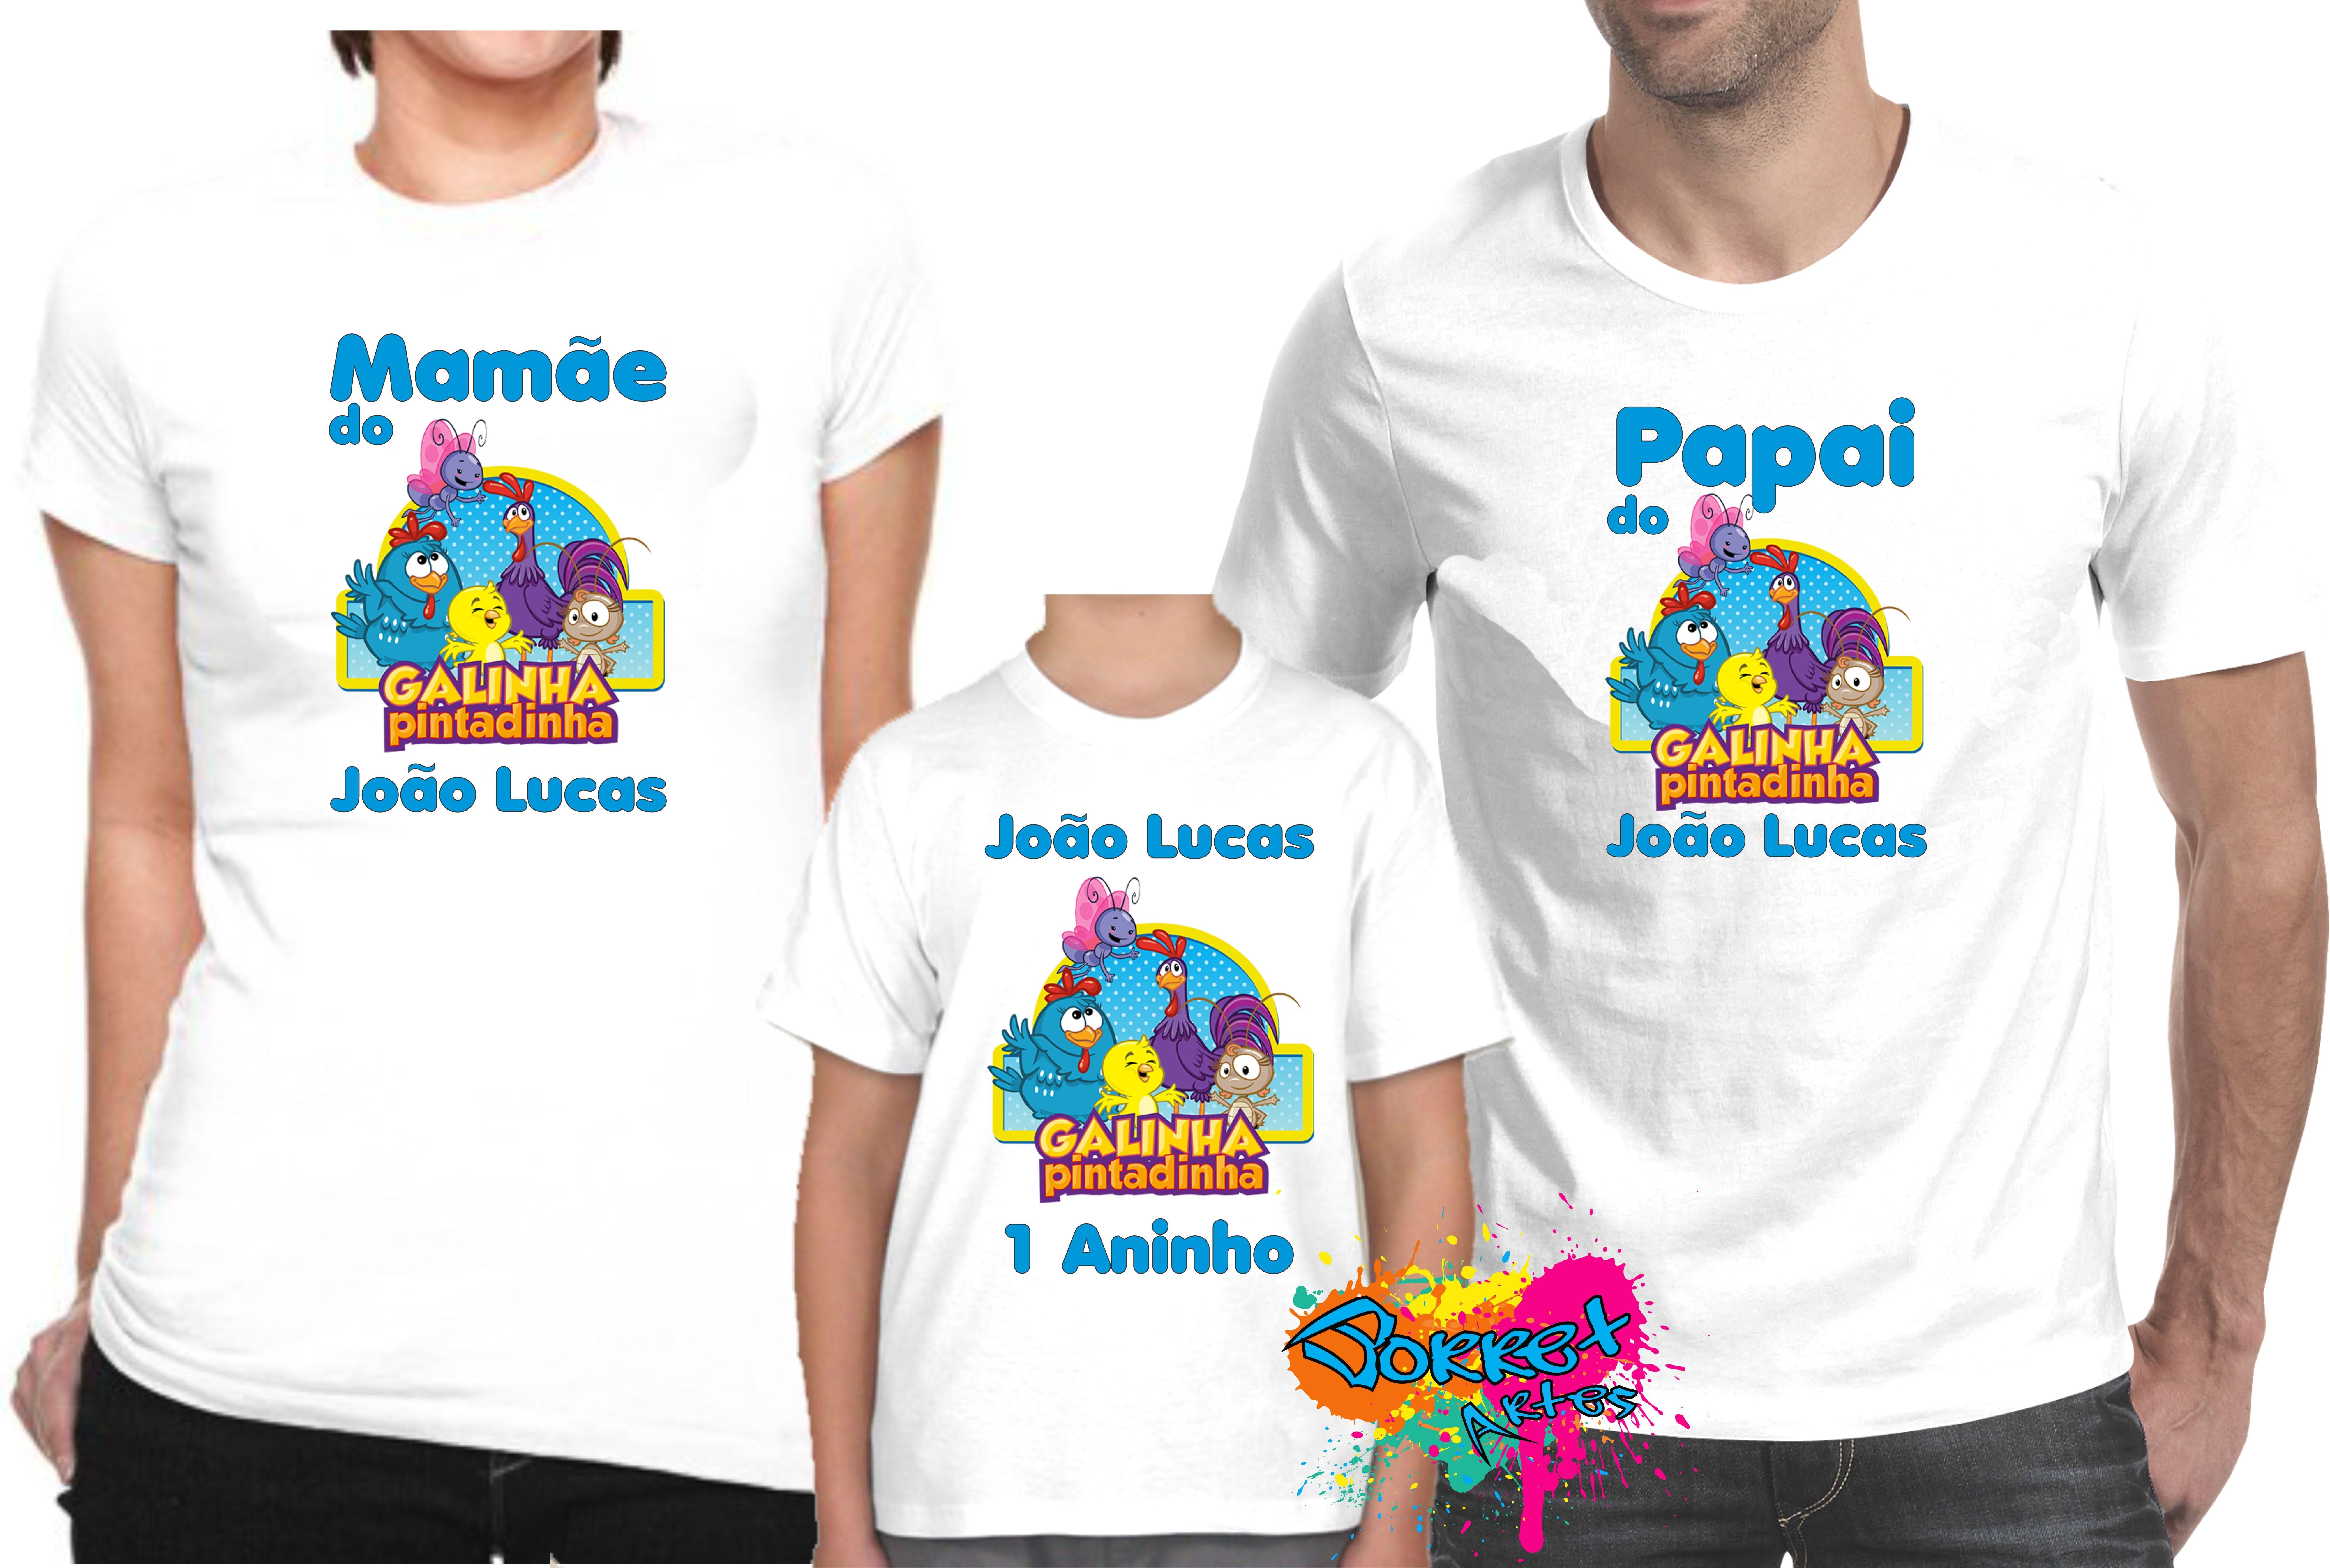 707ca13adb Camisa Festa Galinha Pintadinha 3 Pçs no Elo7